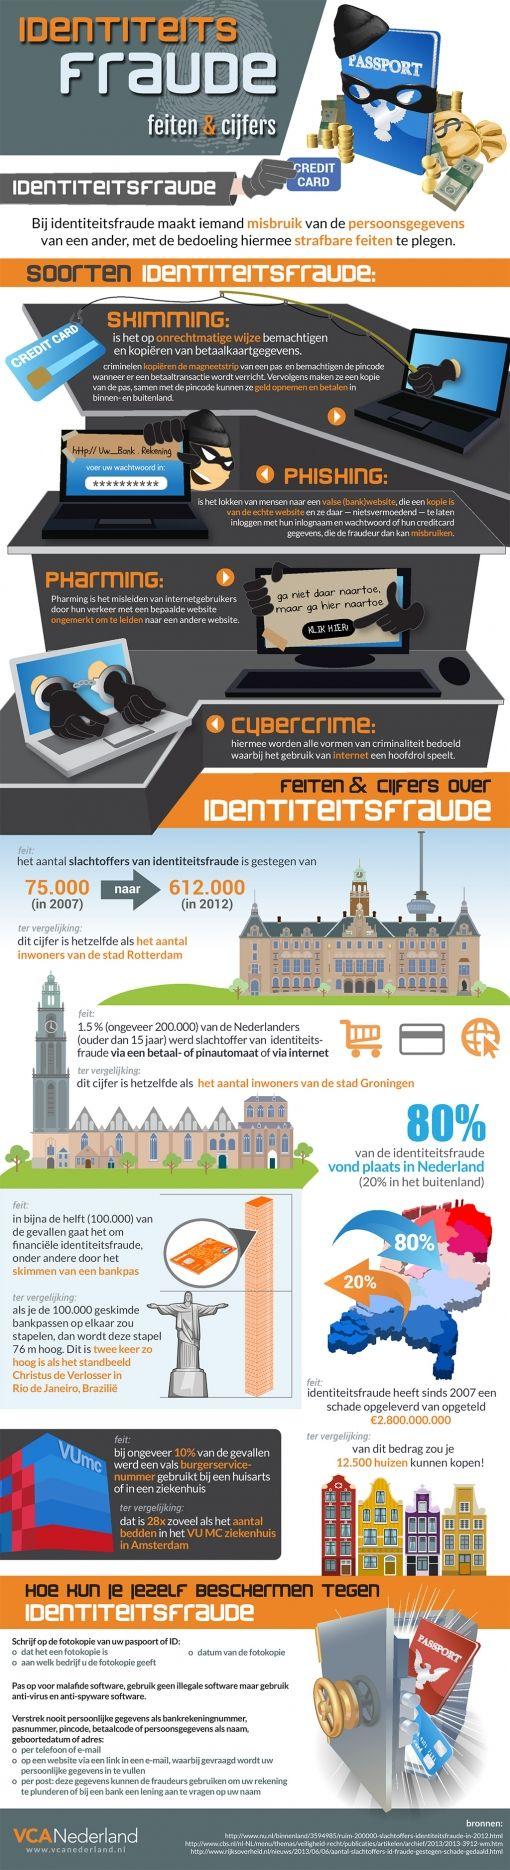 identiteitsfraude_infographic_1024